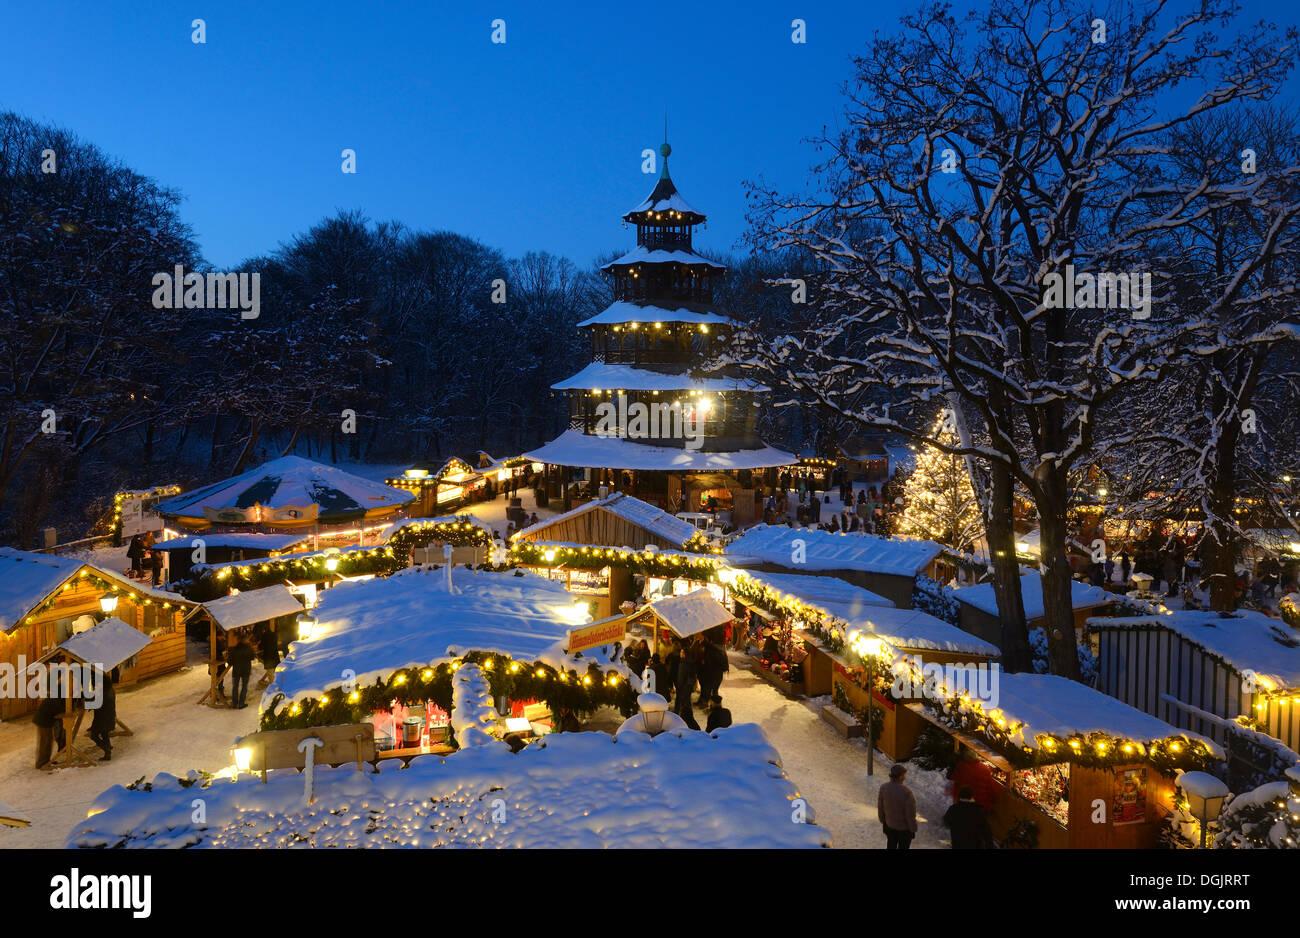 Weihnachtsmarkt Am Chinesischen Turm.Weihnachtsmarkt Am Chinesischen Turm Englischer Garten München